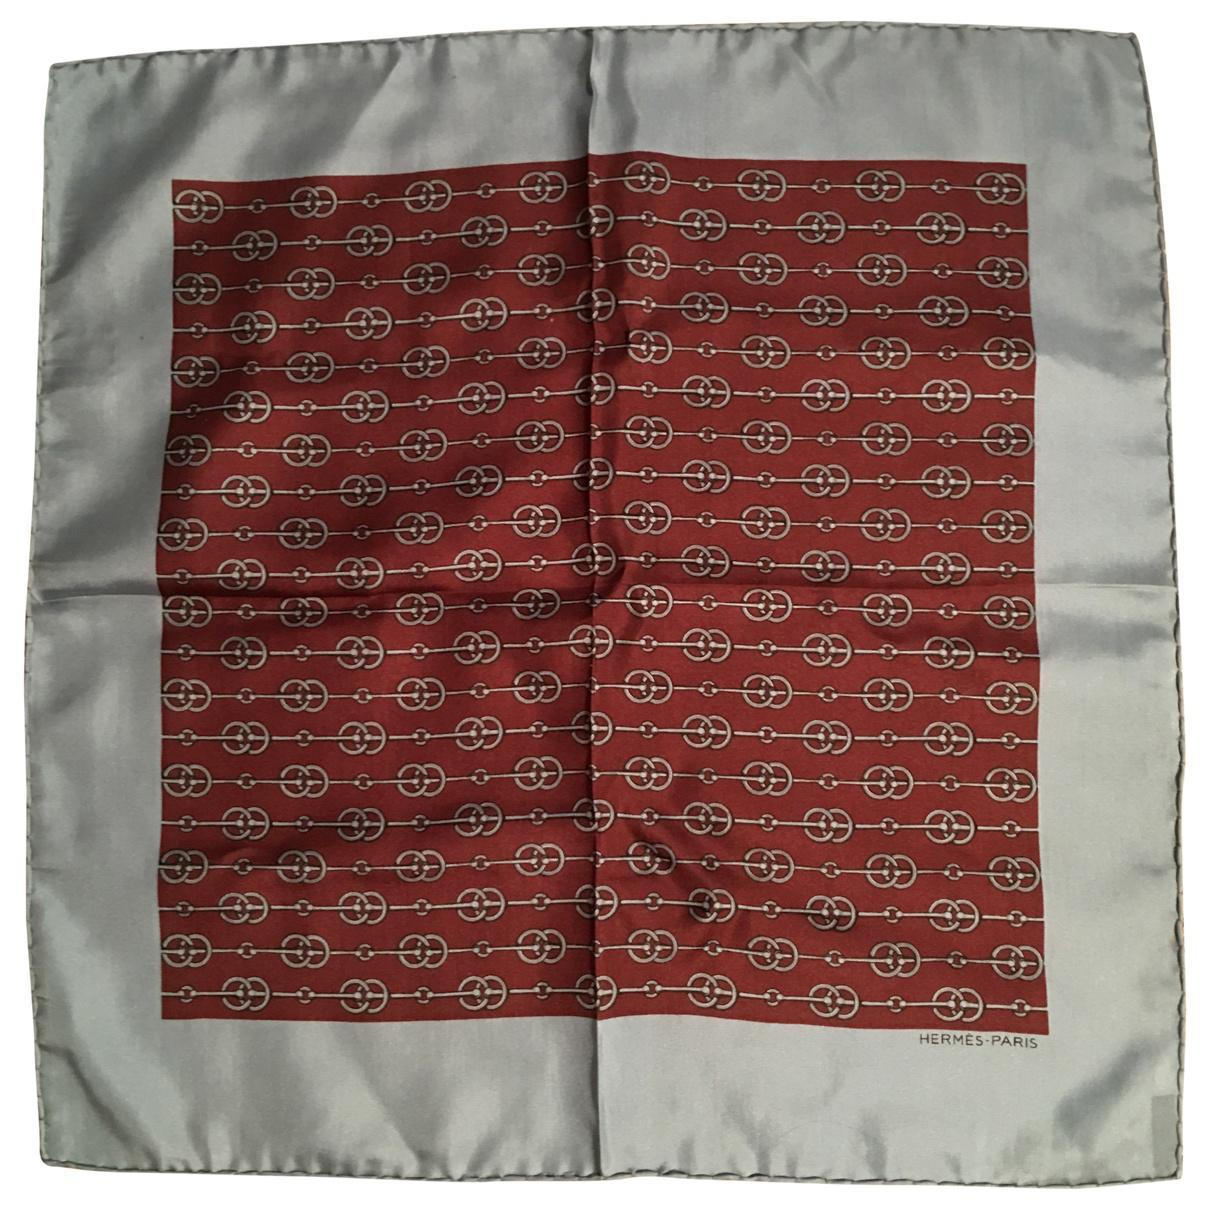 Lyst - Foulard Gavroche en soie Hermès en coloris Marron bd418fe997c